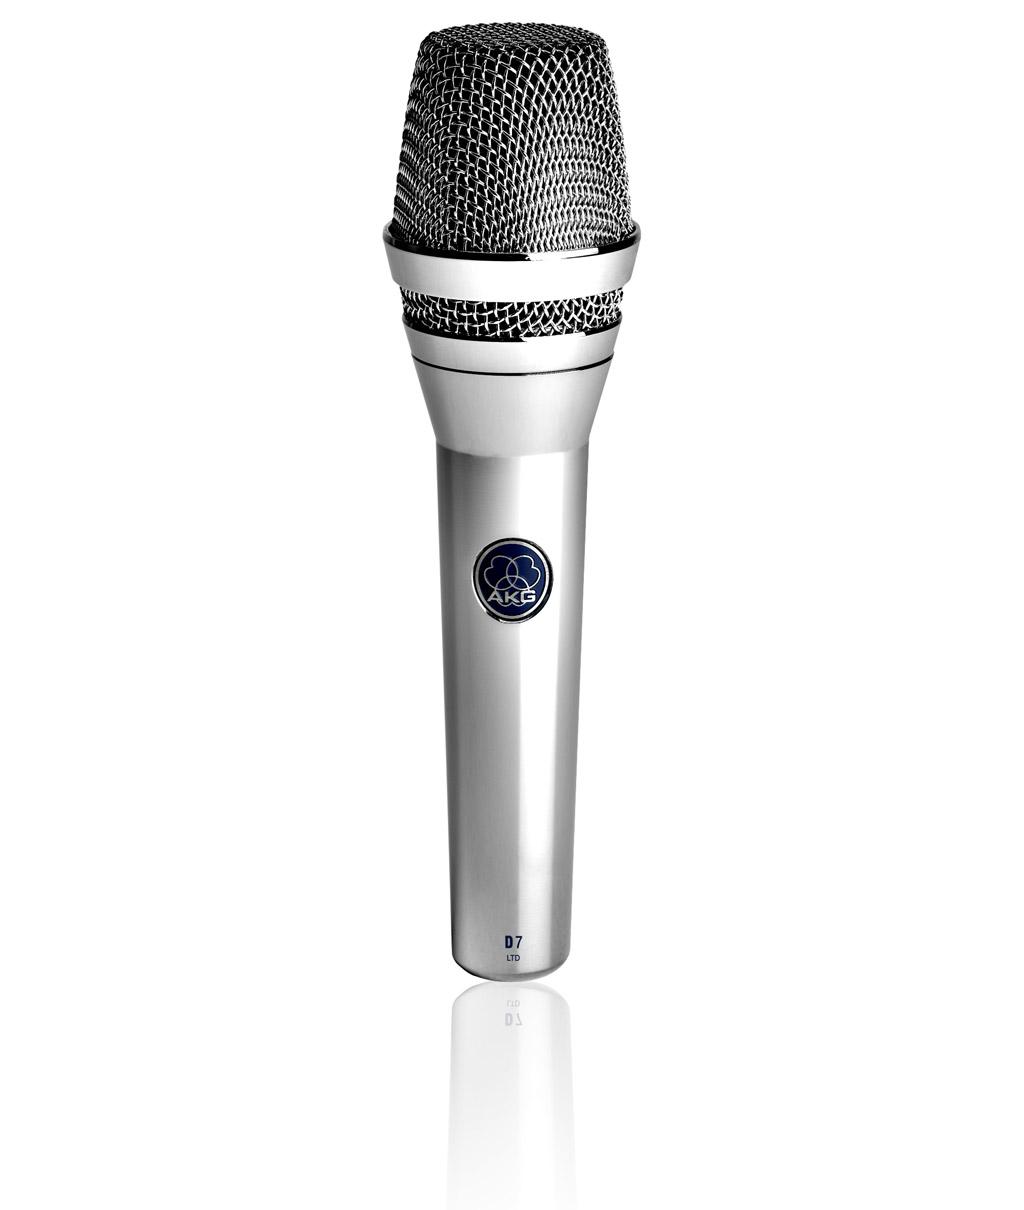 Powieksz do pelnego rozmiaru AKG D 7 LTD, D7 LTD, D-7 LTD, D 7-LTD, D7-LTD, D-7-LTD, D 7LTD, D7LTD, D-7LTD, mikrofon ręczny, mikrofon przewodowy, mikrofon dynamiczny, mikrofon superkardioidalny, mikrofon kierunkowy, mikrofon wokalowy, mikrofon estradowy, mikrofon studyjny, mikrofon referencyjny